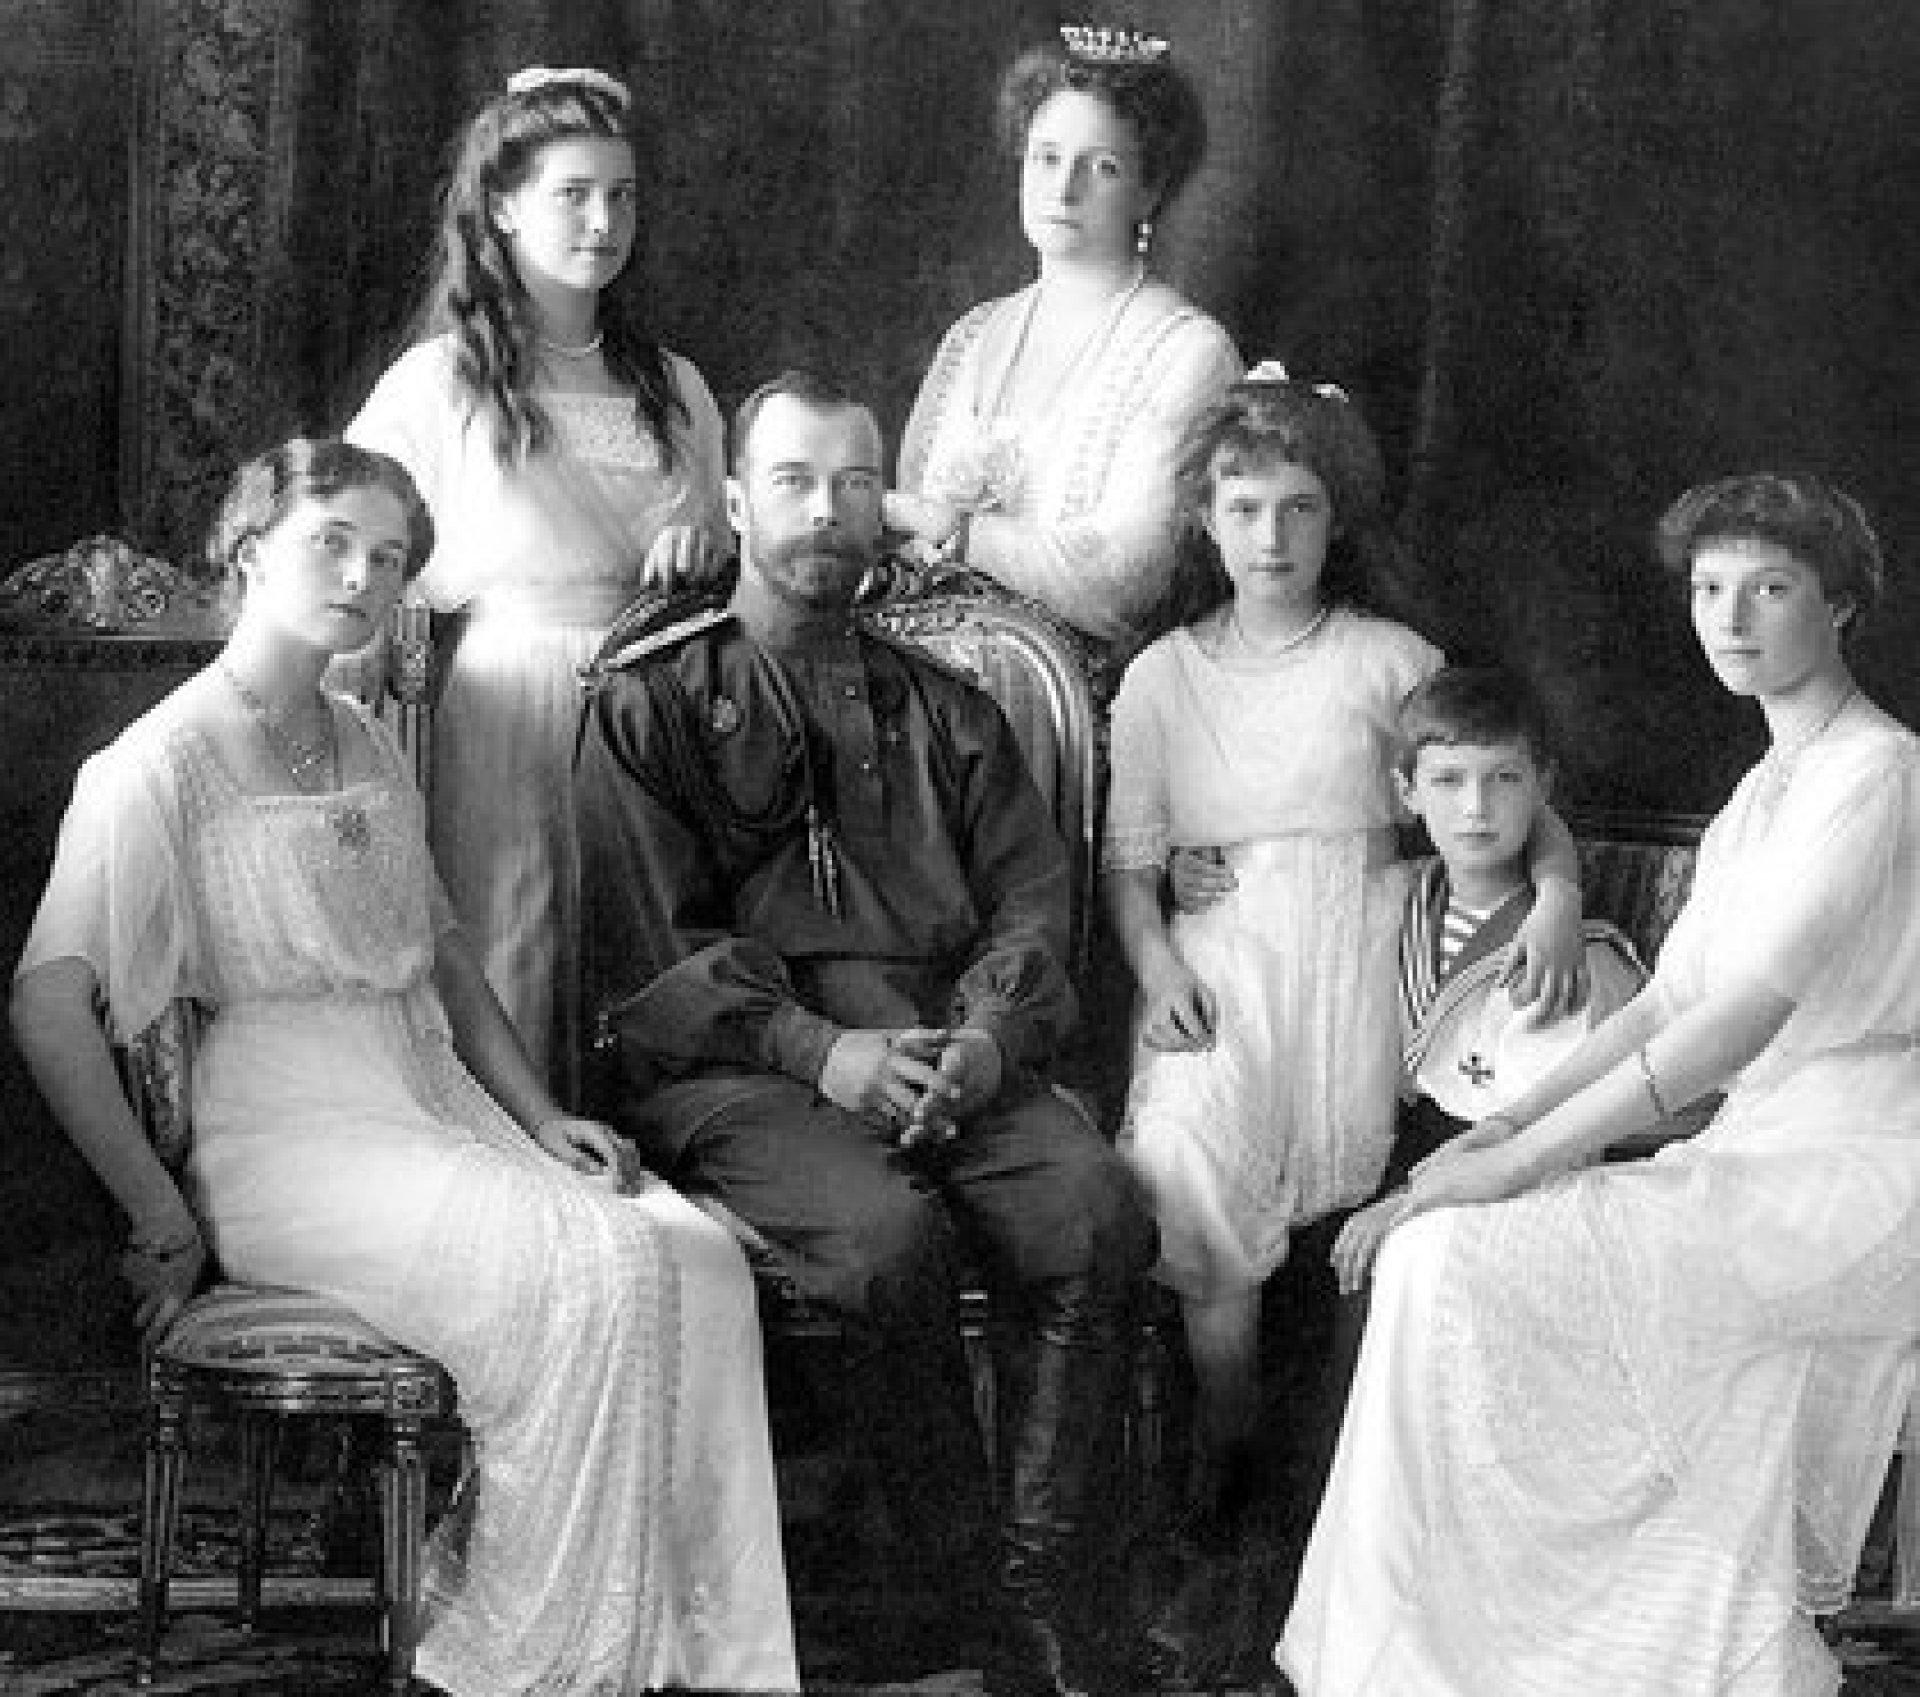 La familia imperial completa: Nicolás II Romanov, Alexandra, sus cuatro hijas, Olga, Tatiana, María y Anastasia, y el único varón, Aleksei